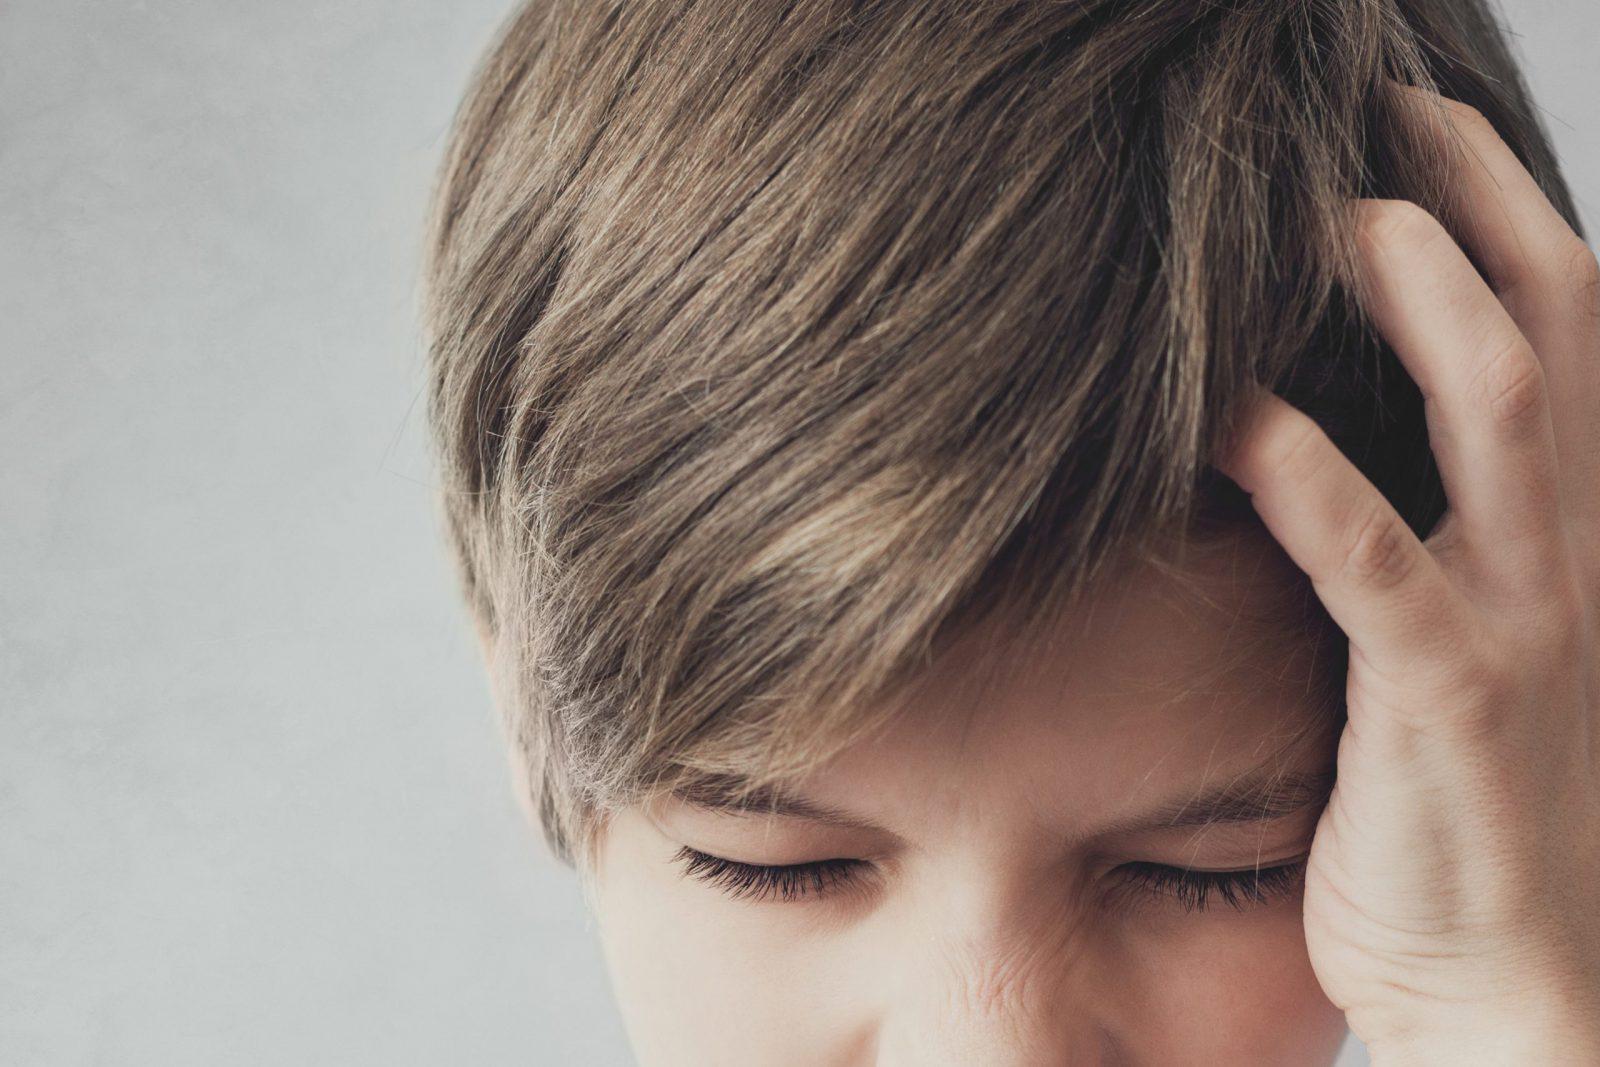 Migraine of ernstige hoofdpijn